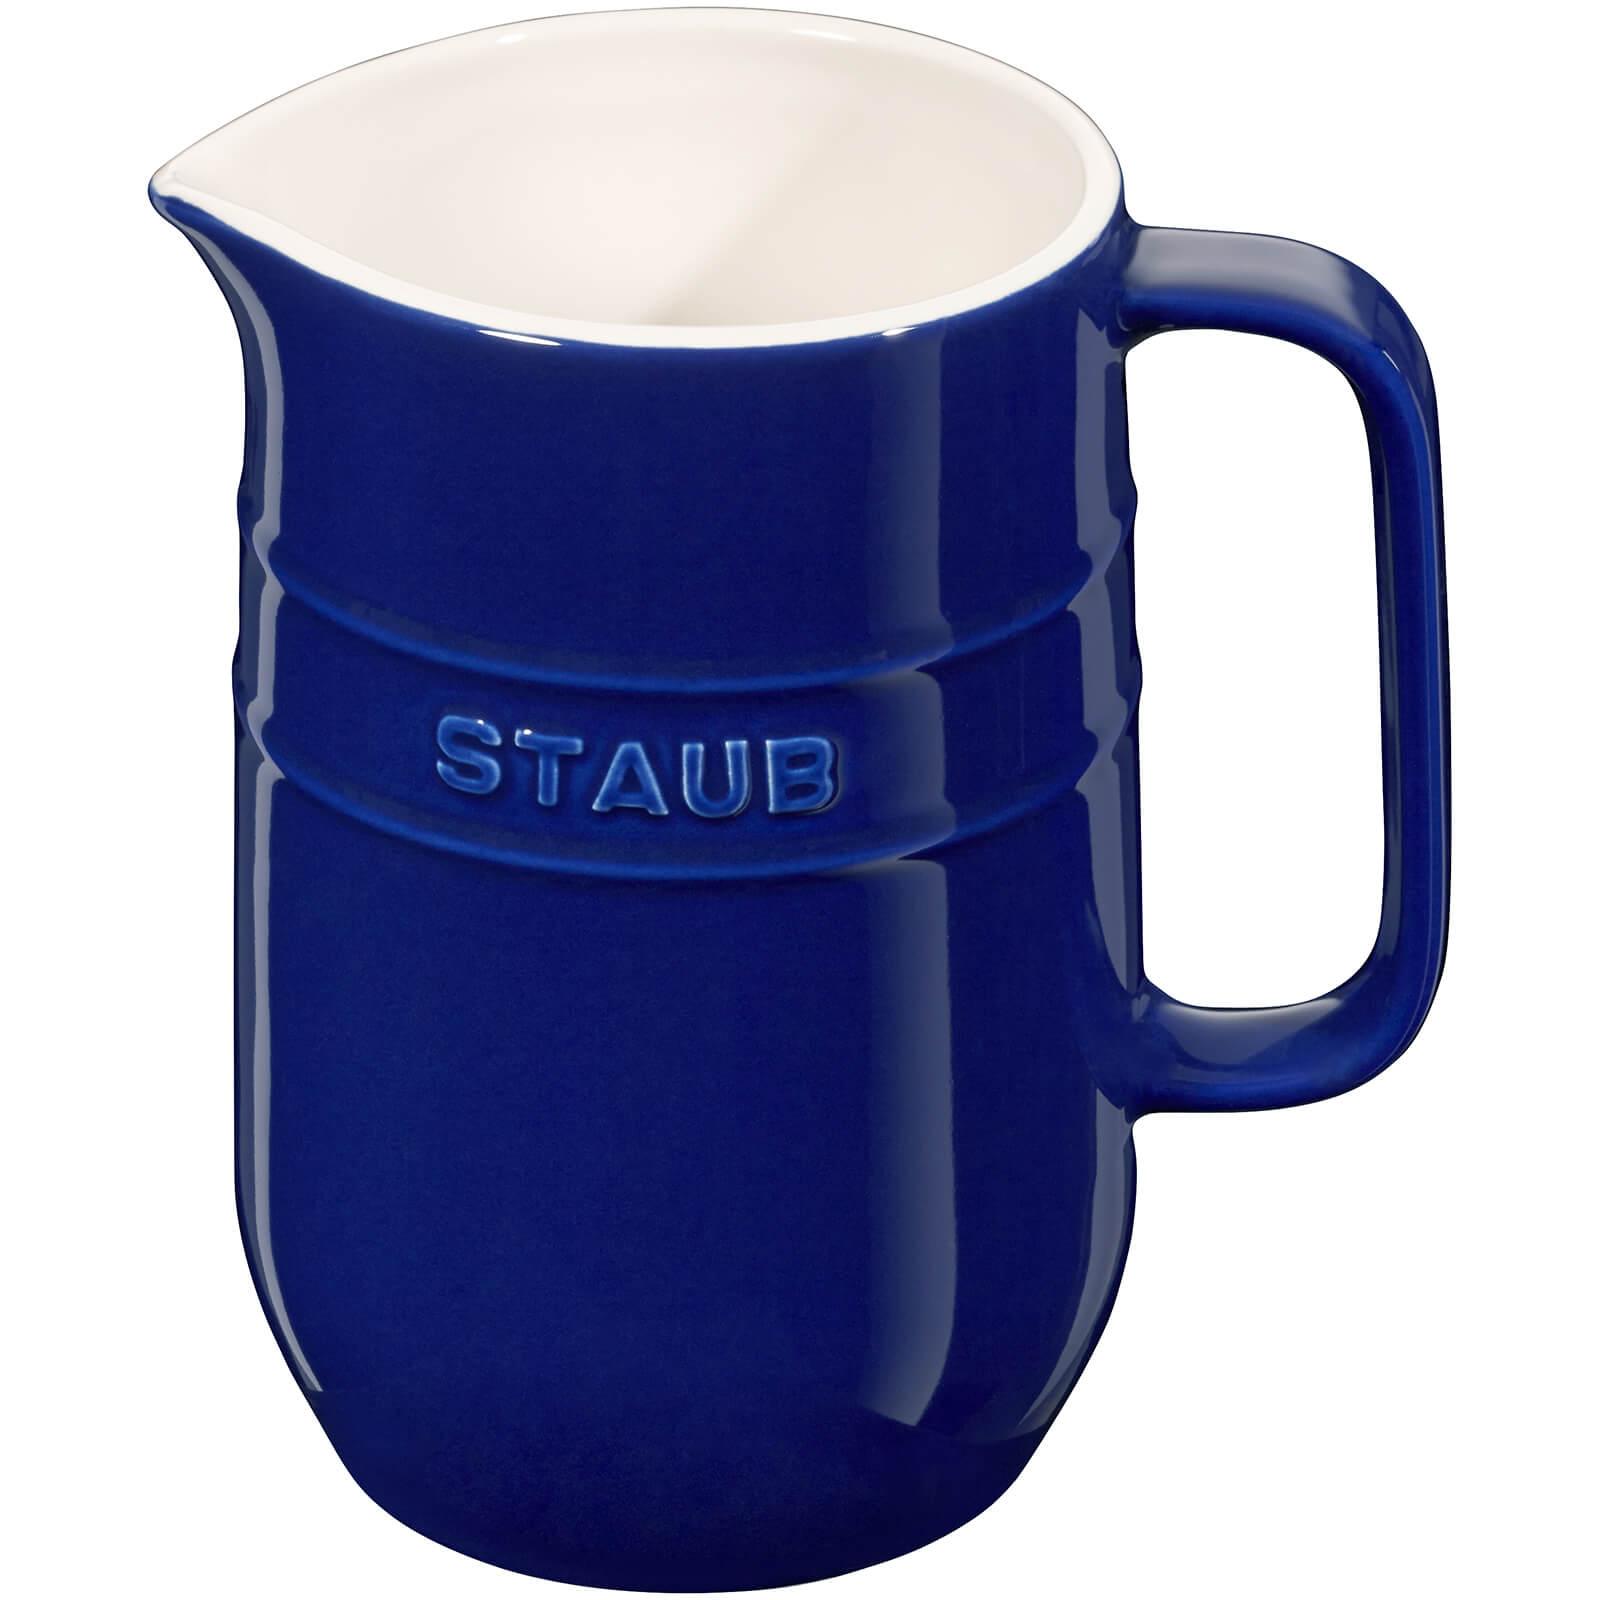 Staub Ceramic Round Pitcher - Dark Blue